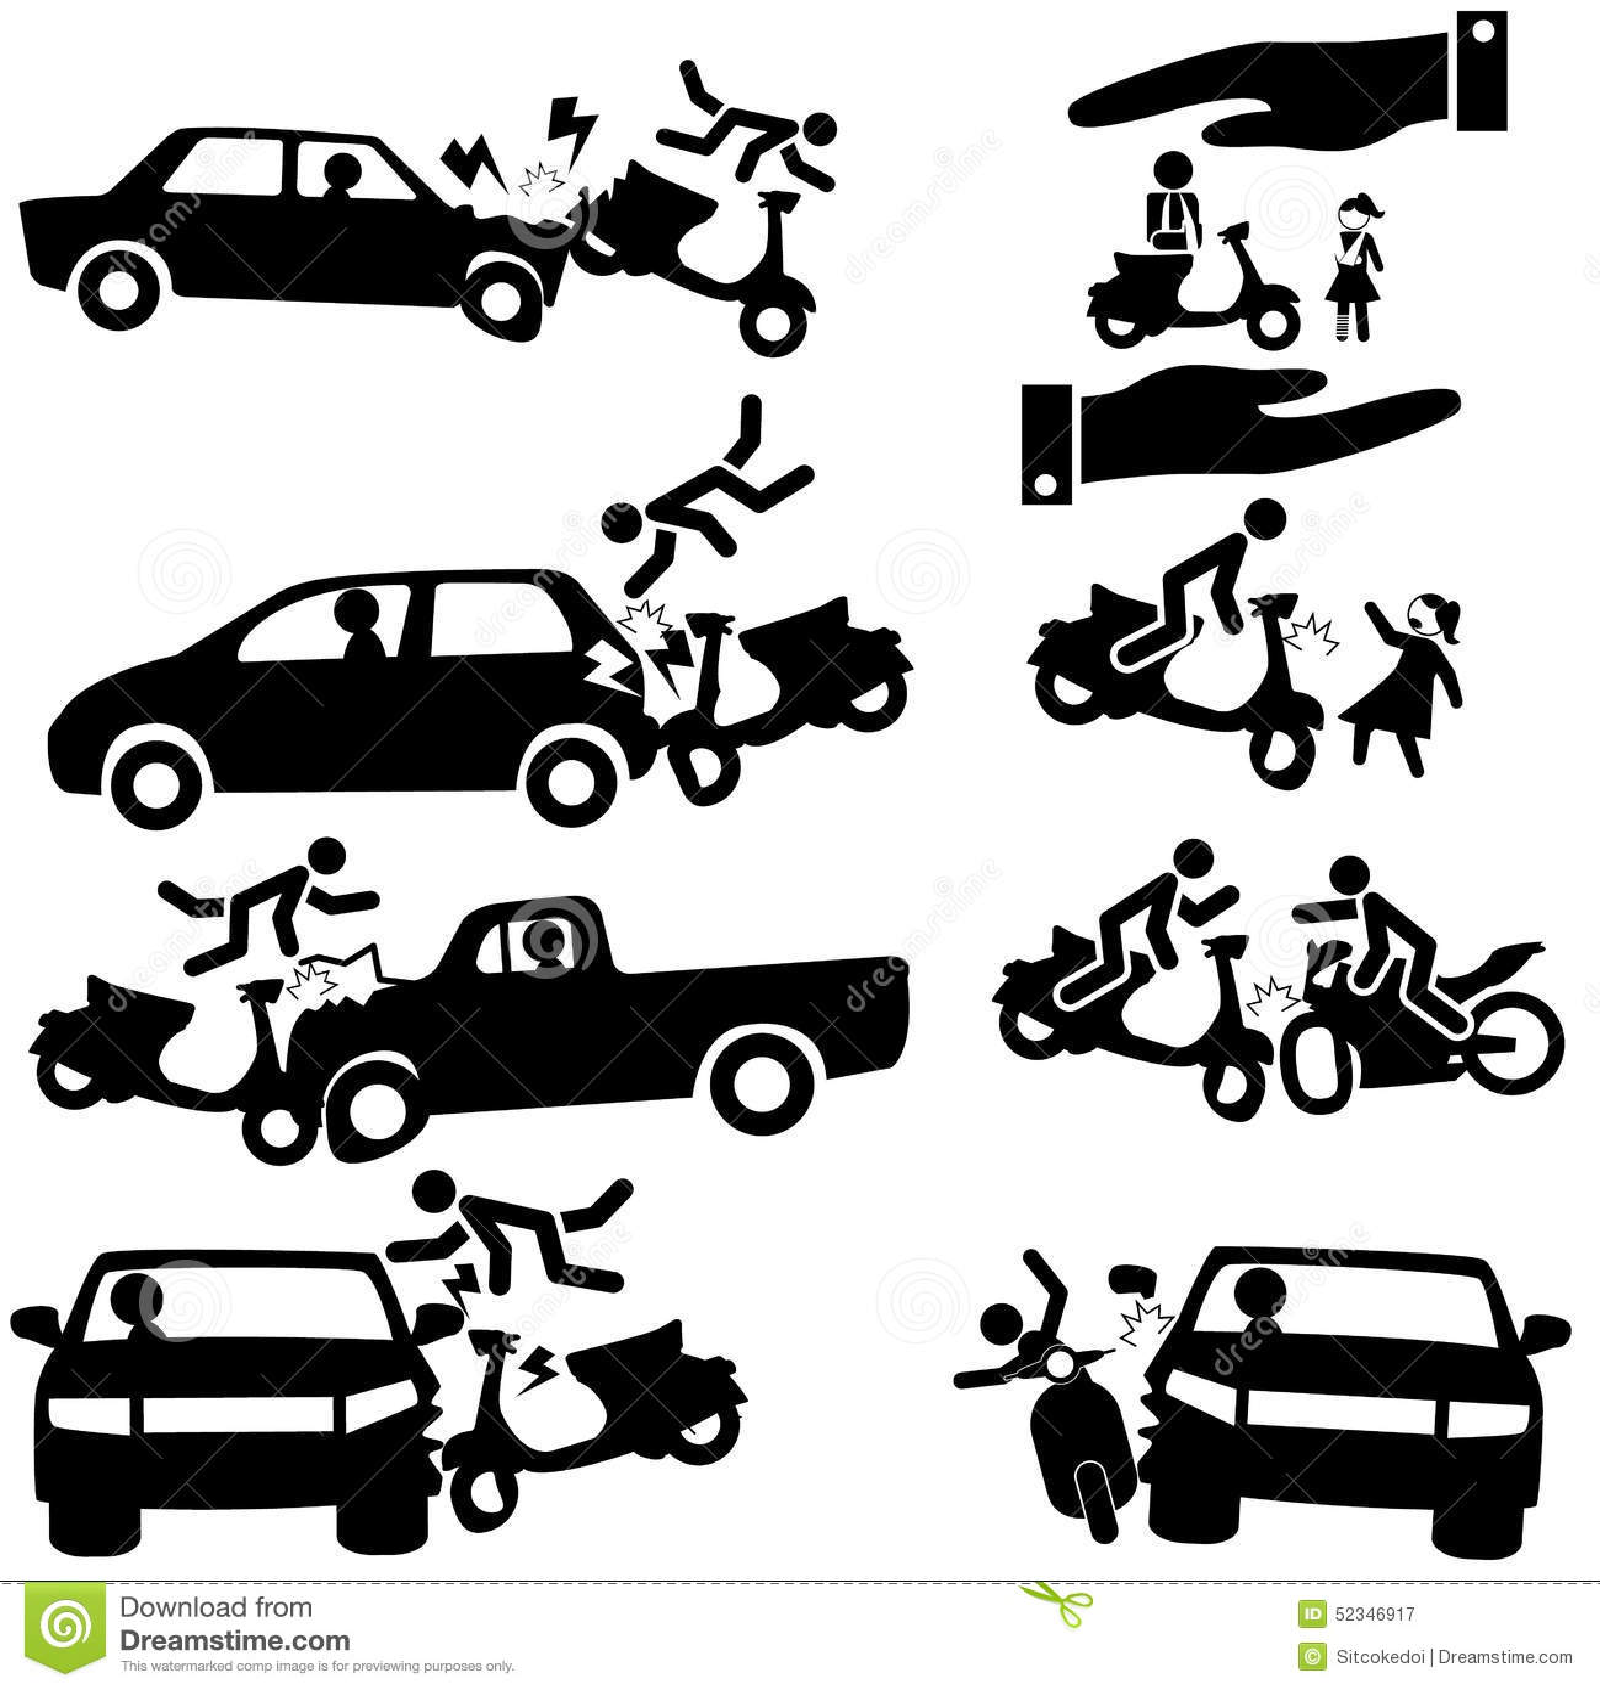 Motorbike insurance stock vector. Illustration of dangers ...